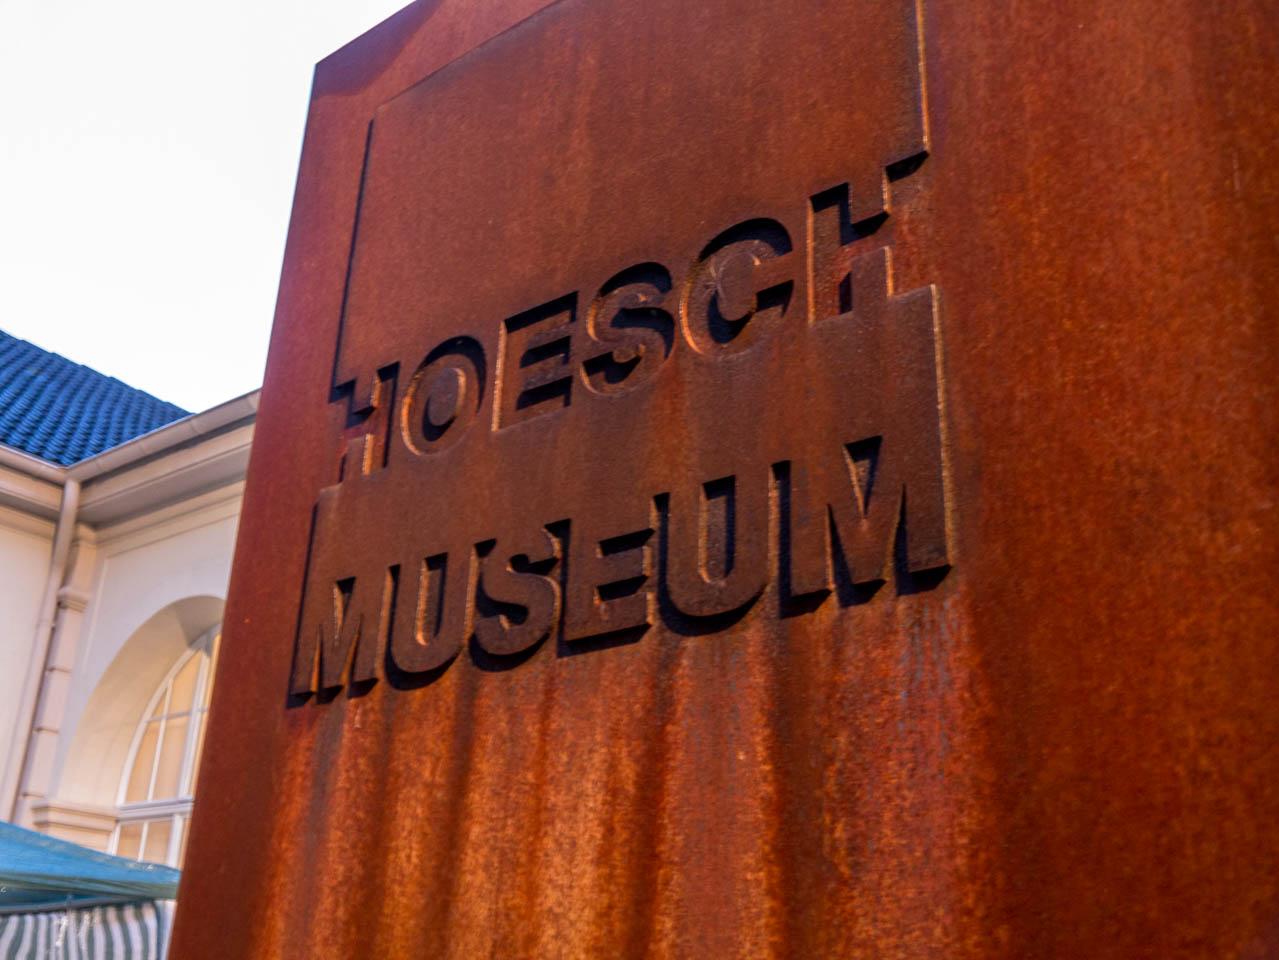 Hoesch Museum (1 von 1)